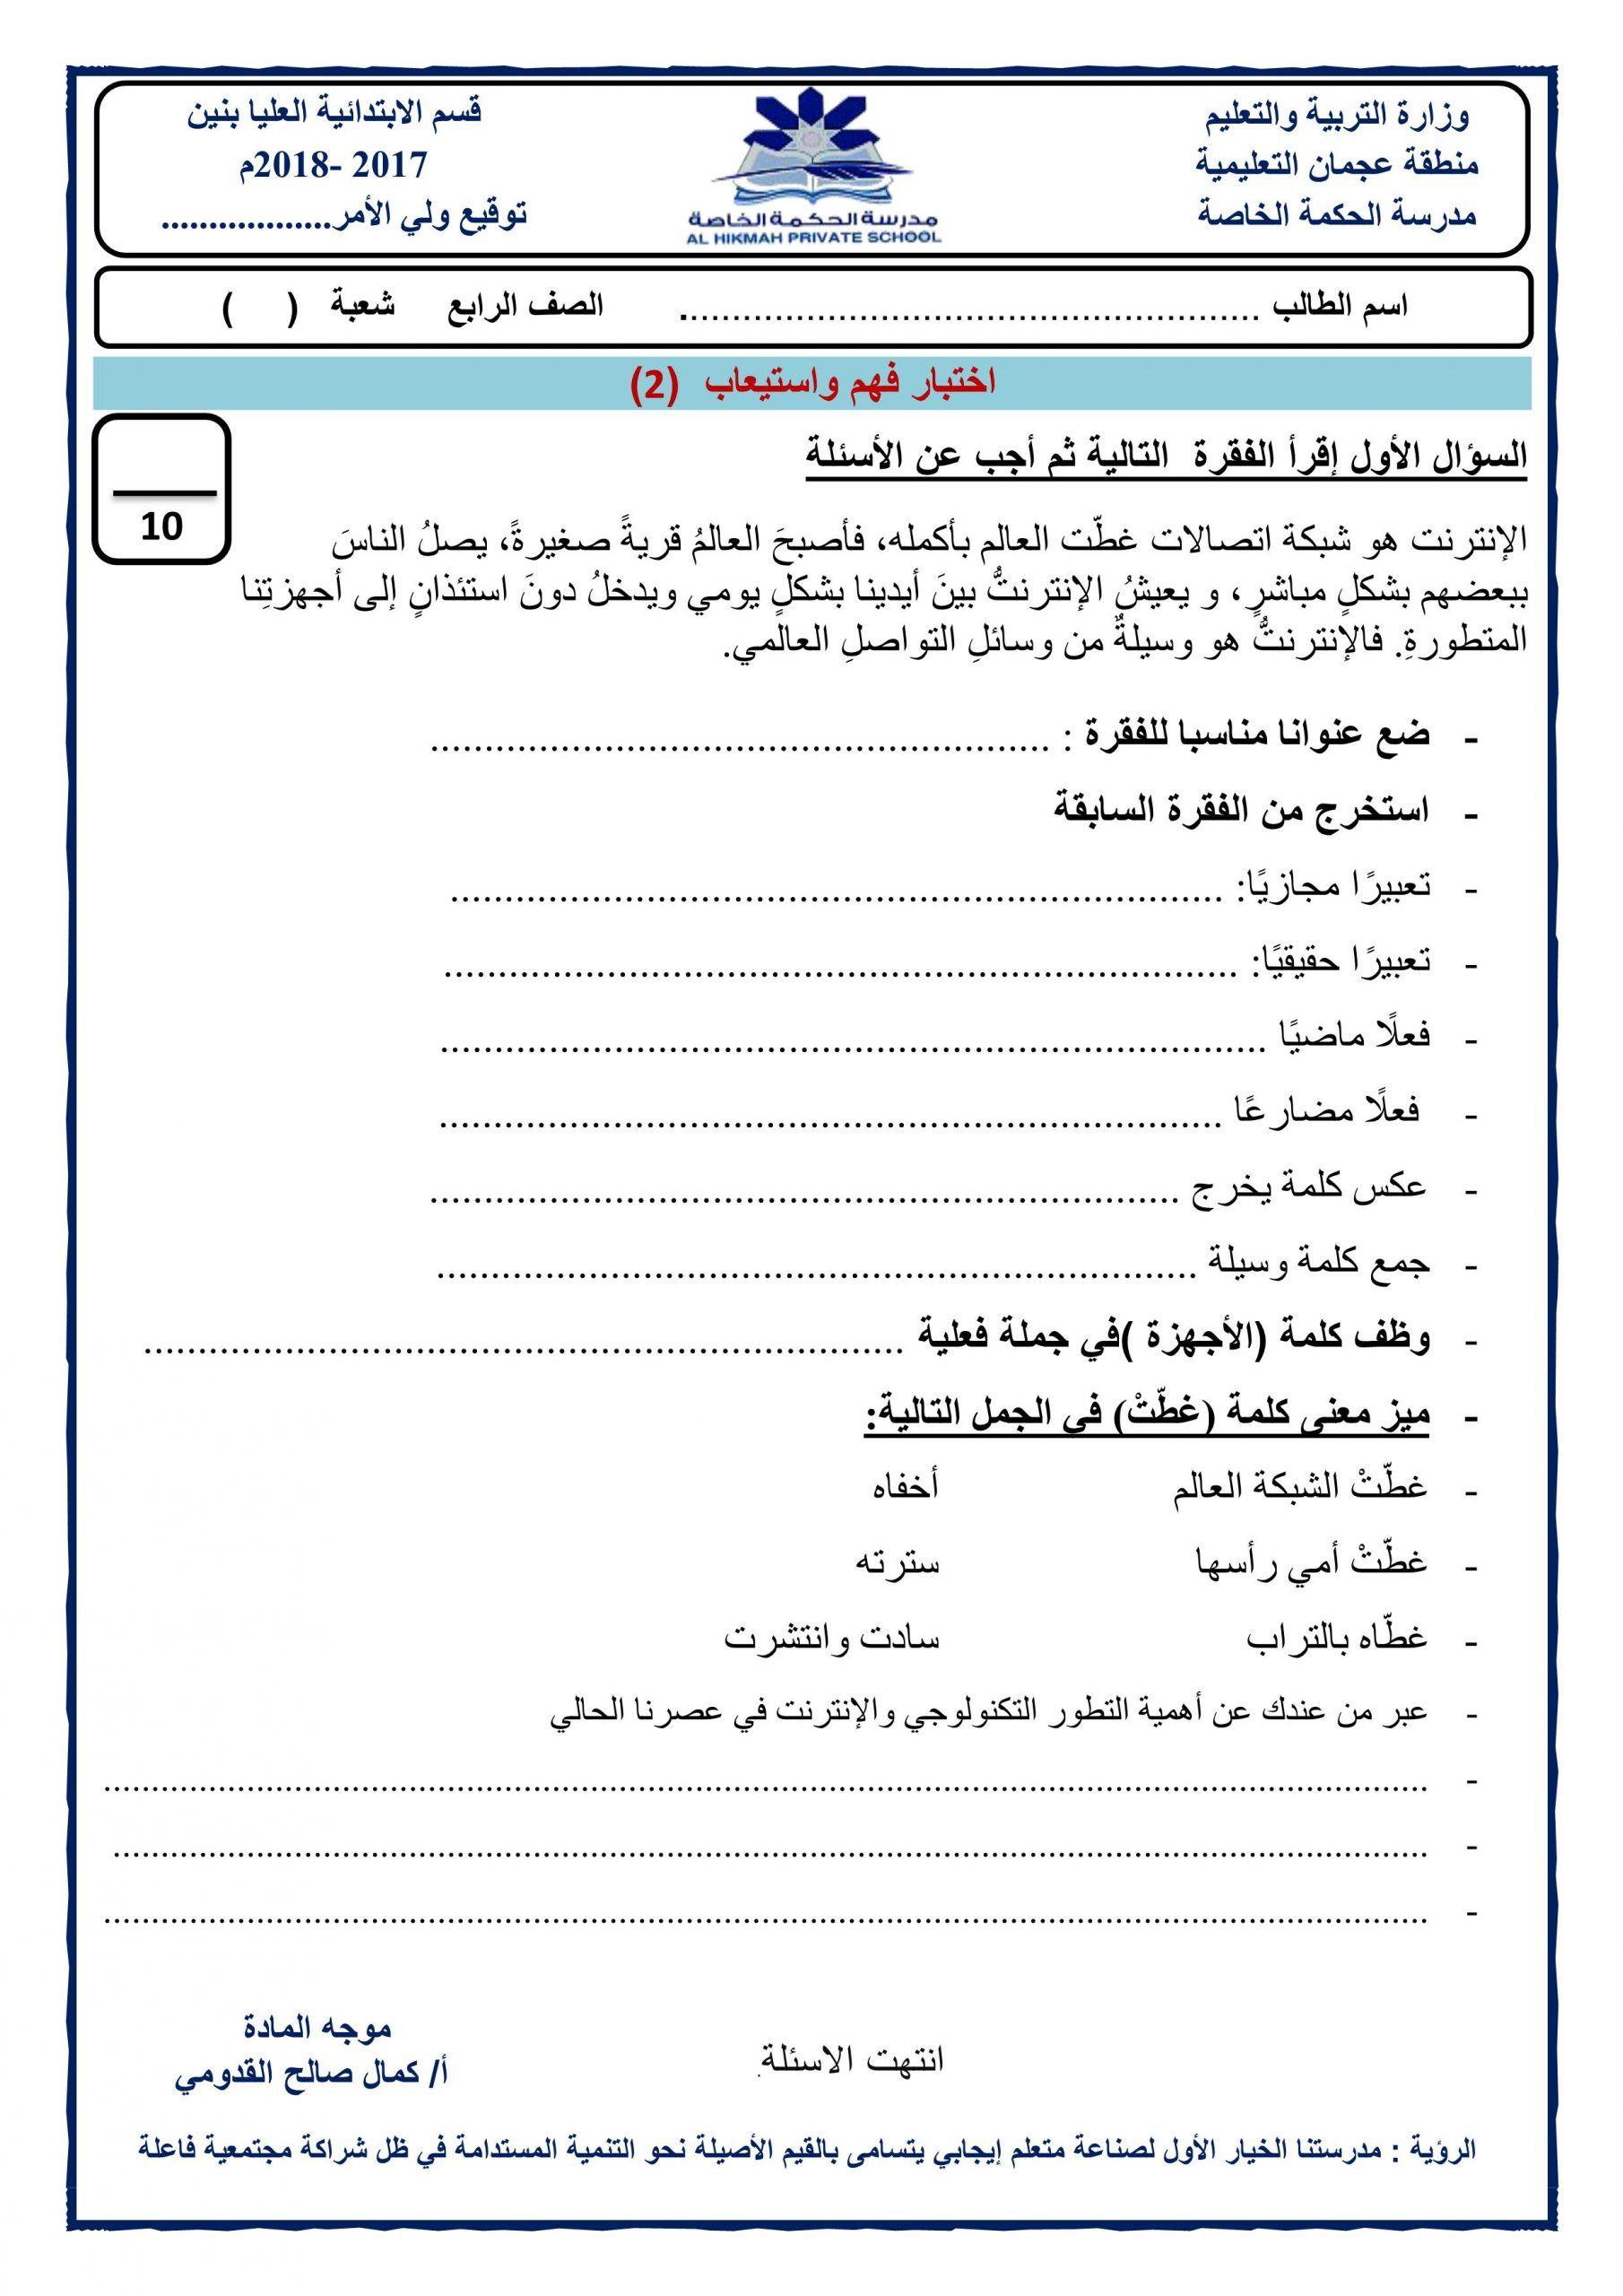 اوراق عمل اختبار فهم واستيعاب للصف الرابع مادة اللغة العربية